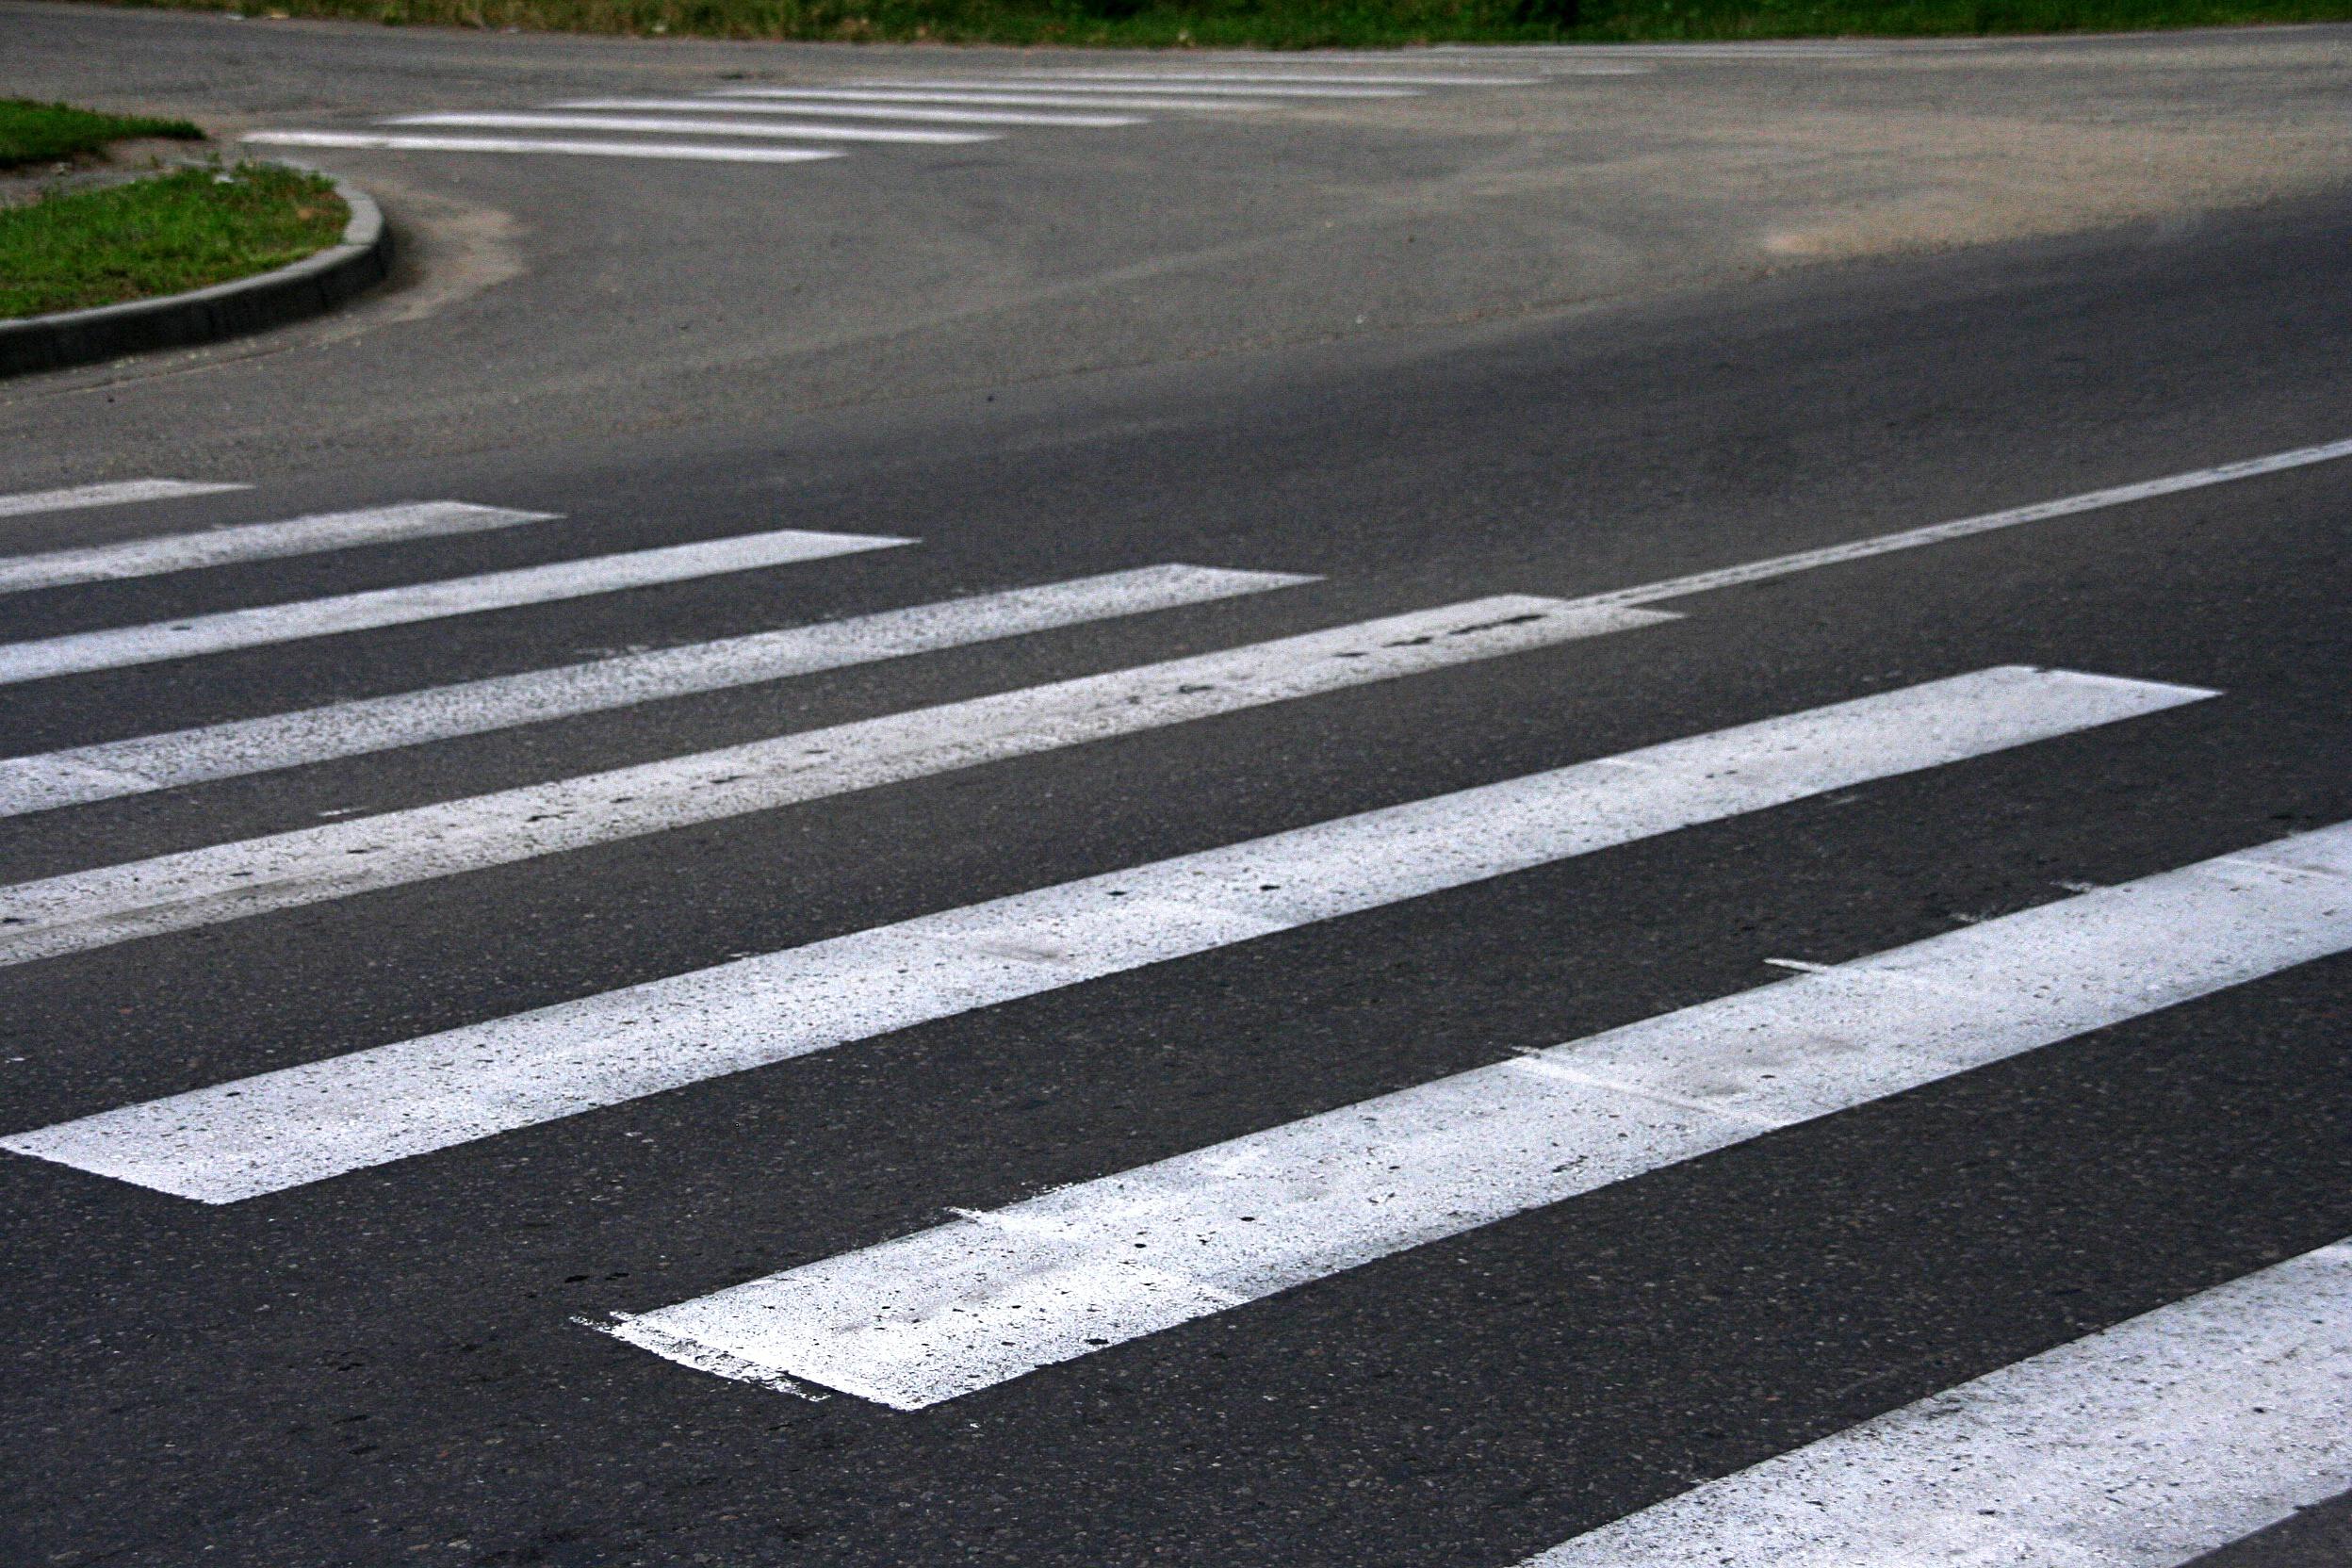 В Крыму произошла два ДТП, в результате которых погибли пешеходы